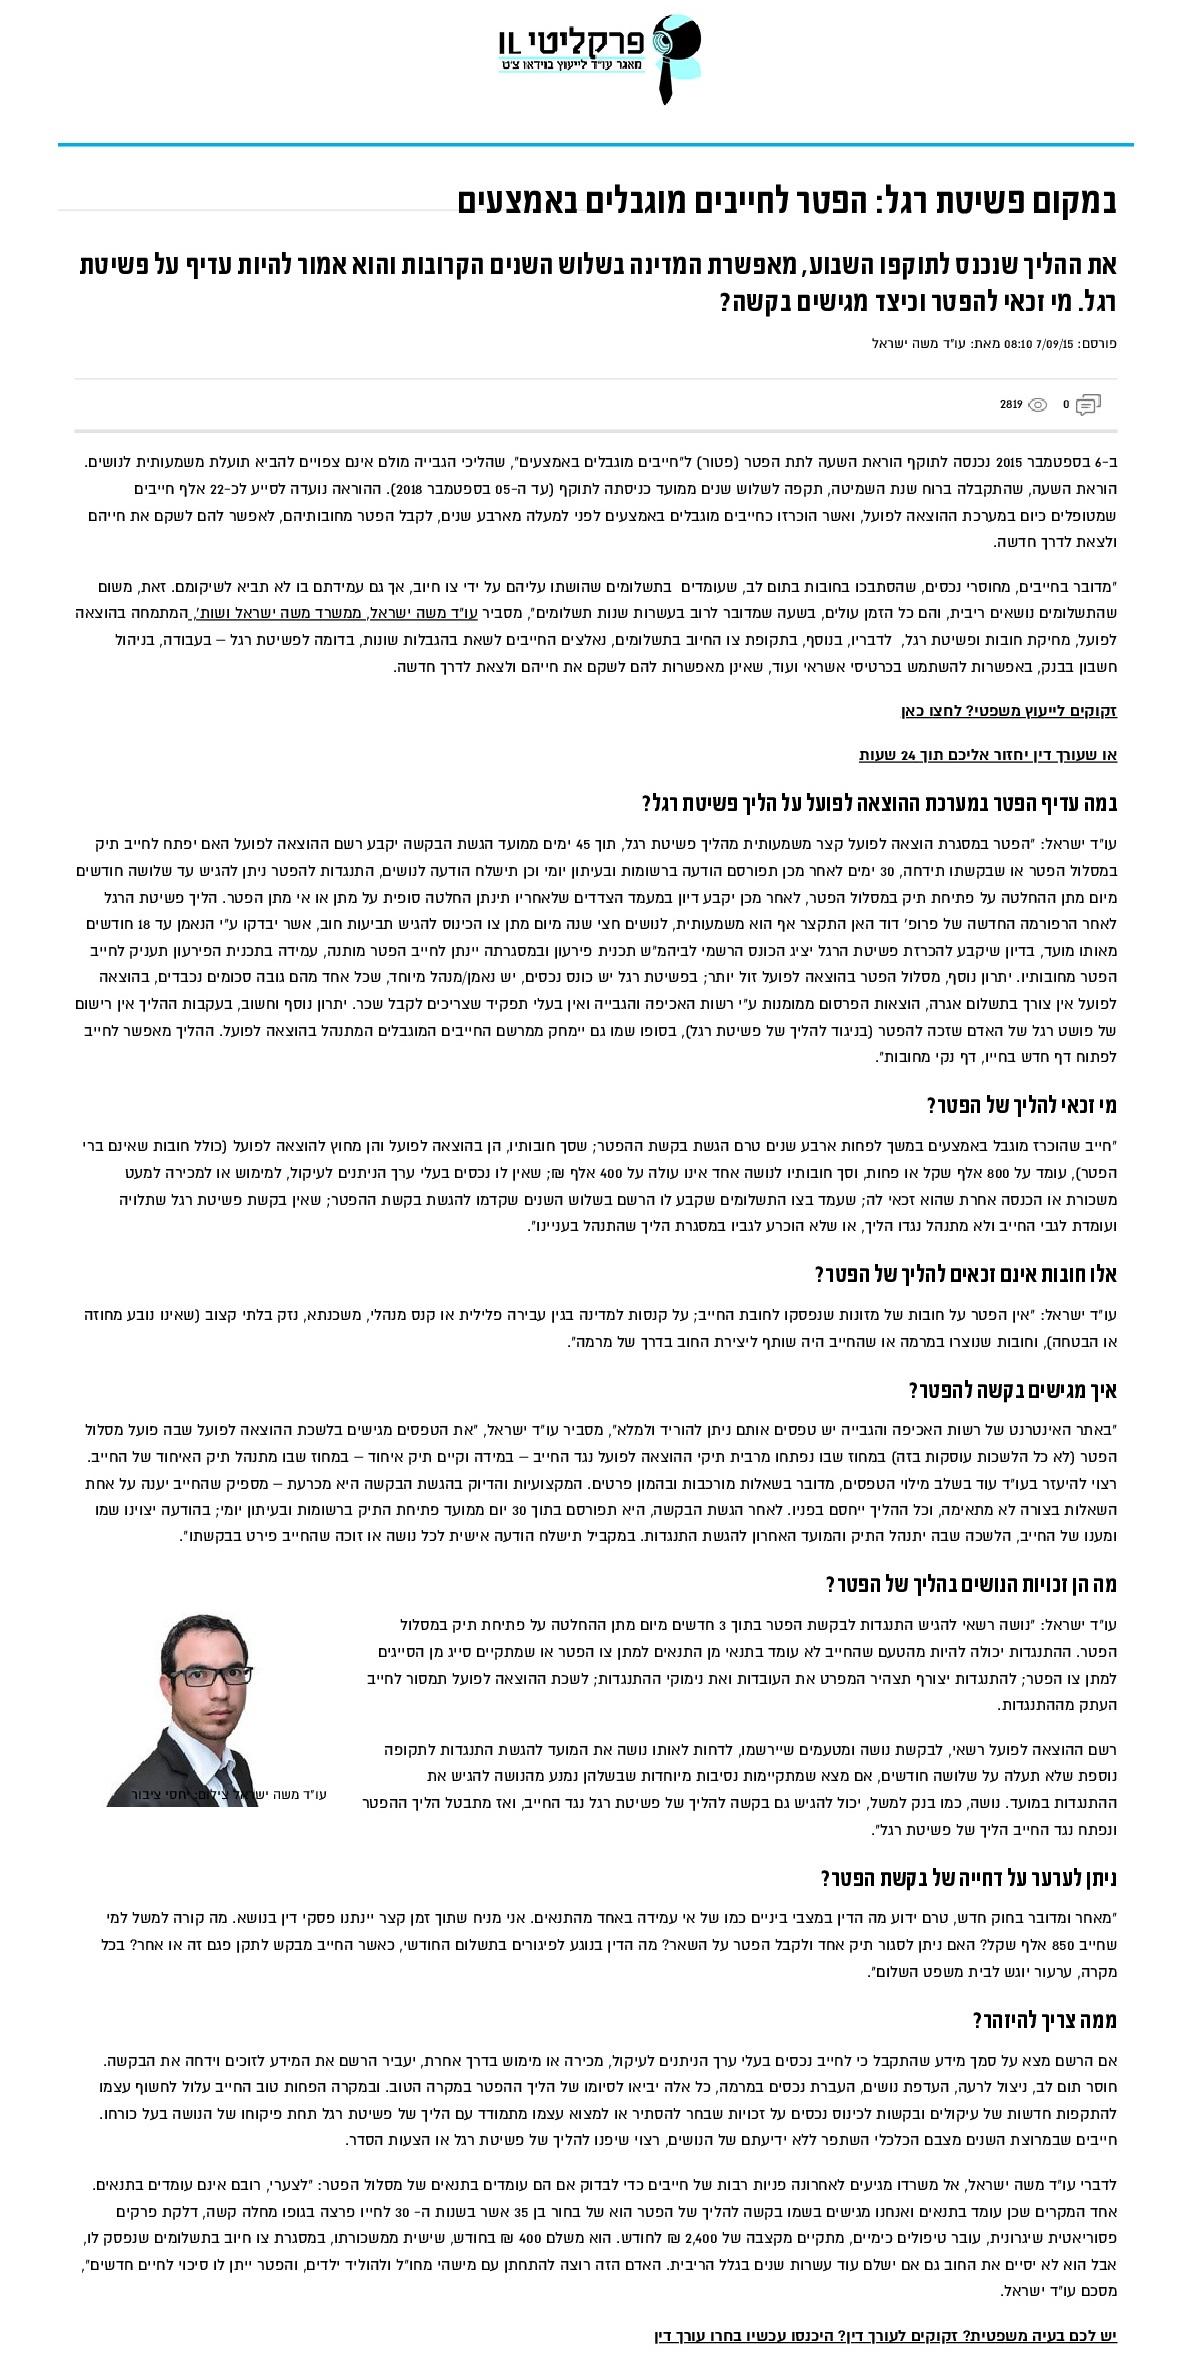 במקום פשיטת רגל - הפטר לחייבים מוגבלים באמצעים - עורך דין משה ישראל